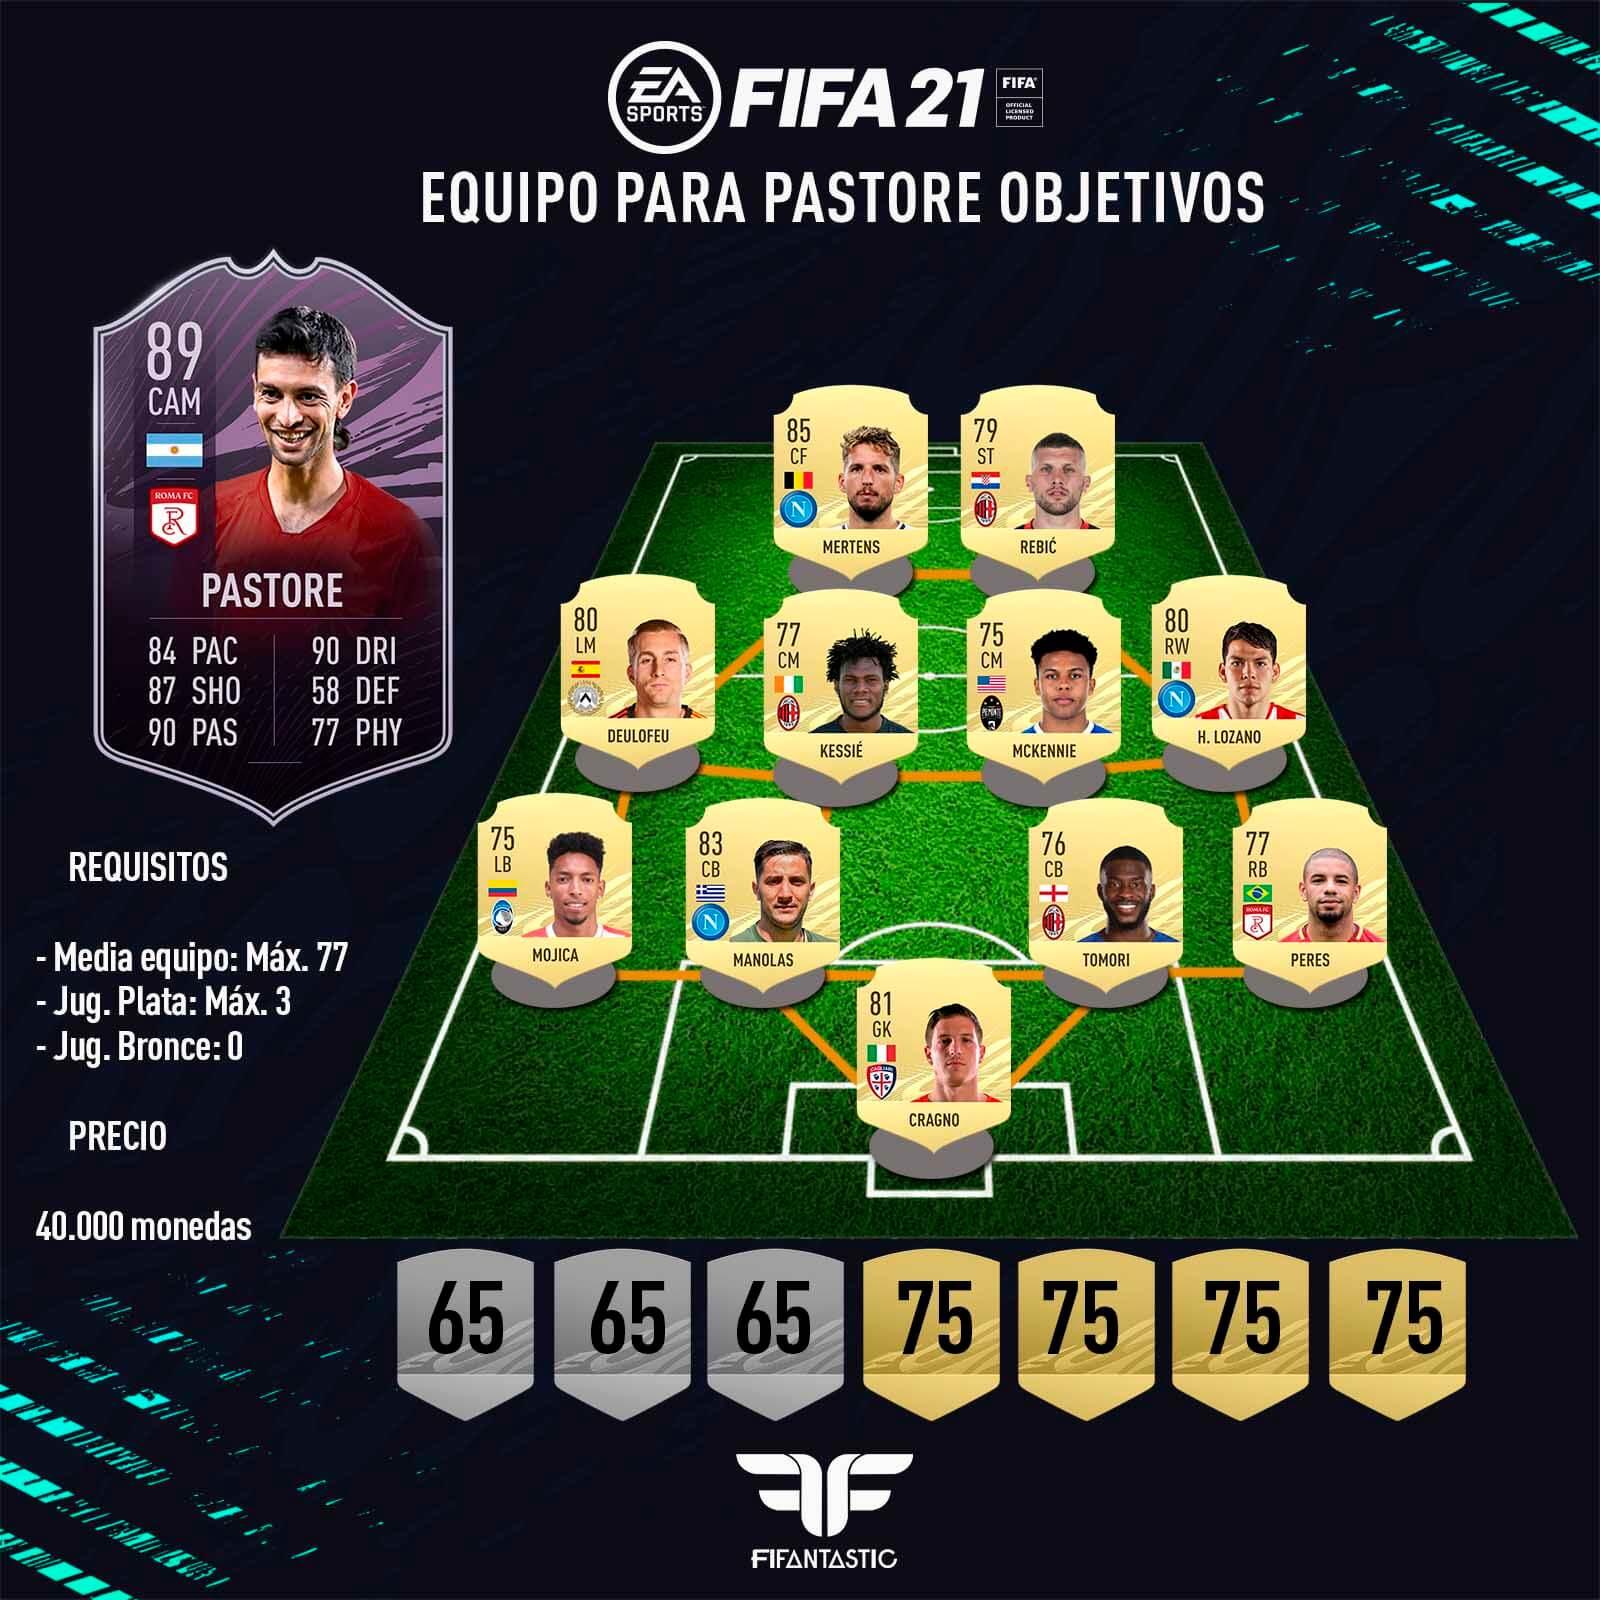 Equipo para conseguir a Pastore Objetivos en FIFA 21 Ultimate Team